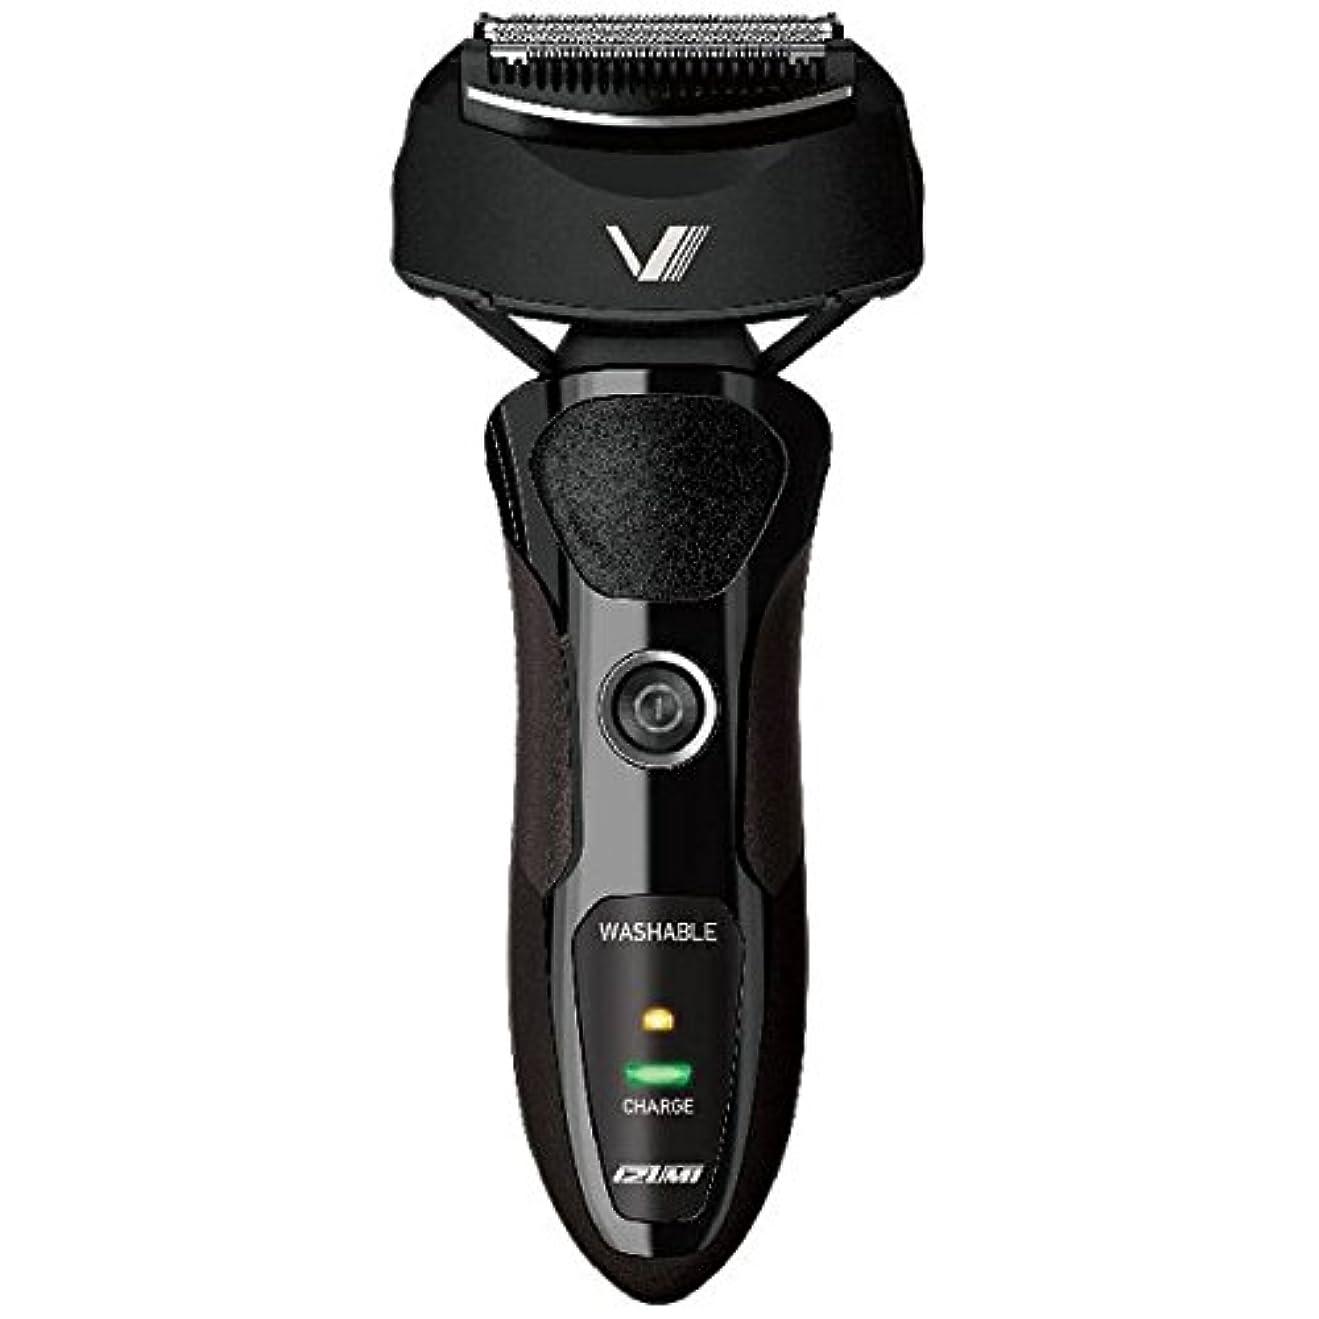 自然公園医薬品有毒IZUMI VIDAN 往復式シェーバー 深剃りシリーズ 3枚刃 ブラック IZF-V36-K